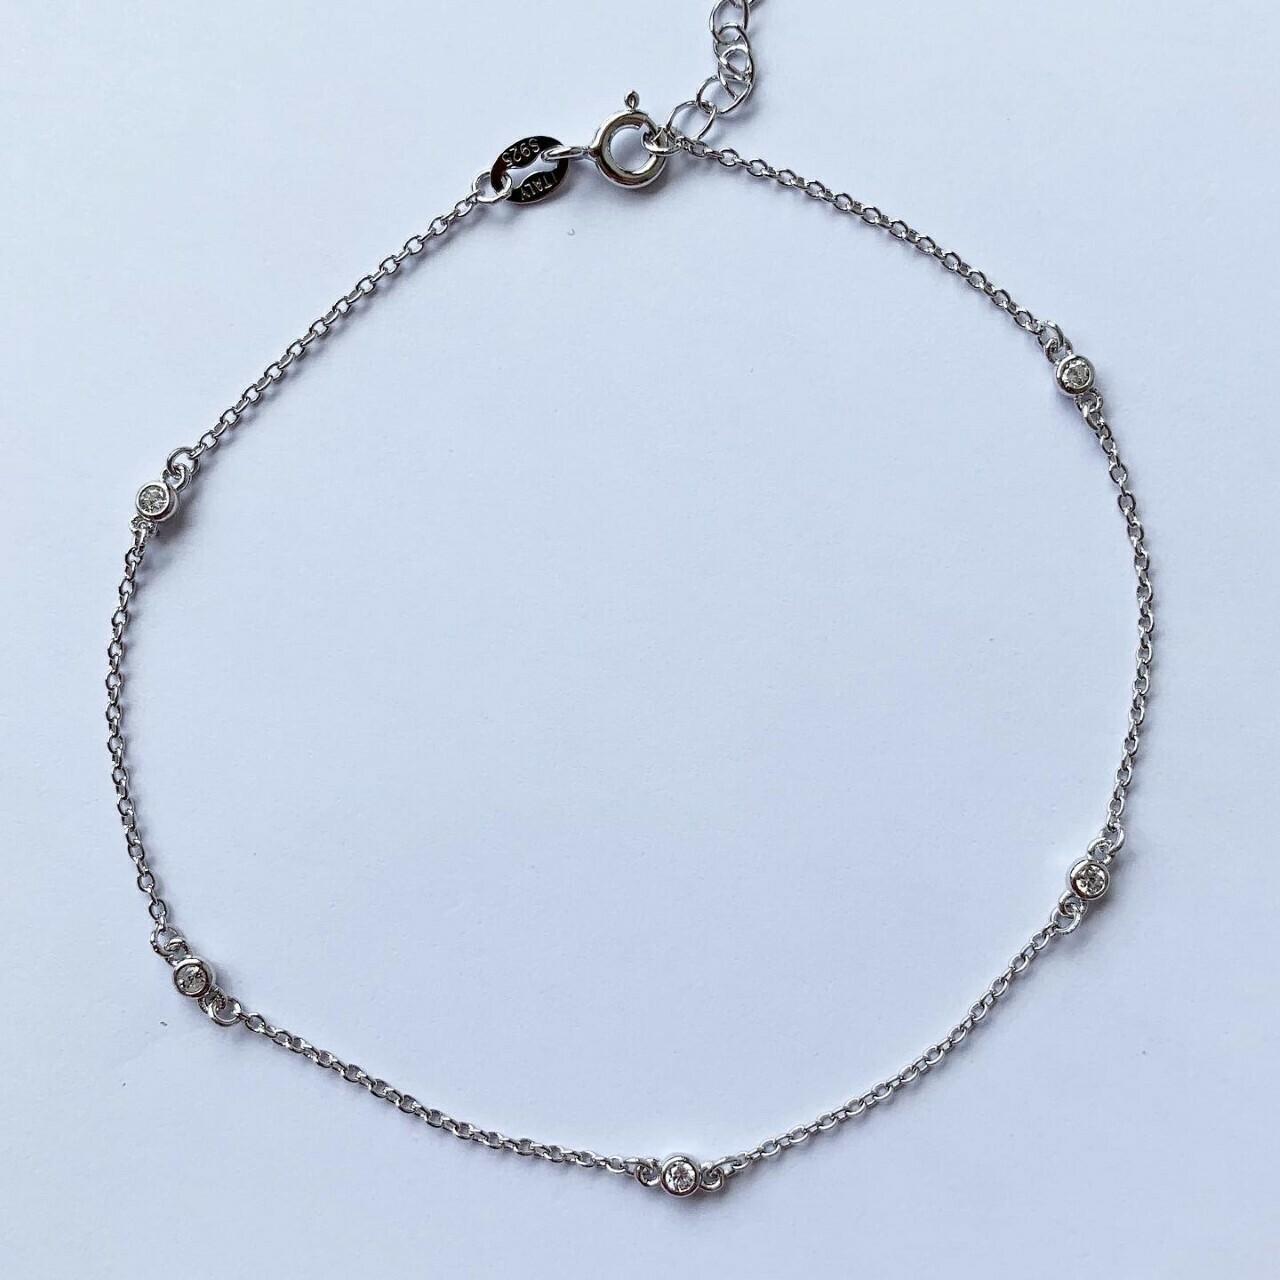 Enkelbandje met diamant tiny strass steentjes 925 sterling zilver